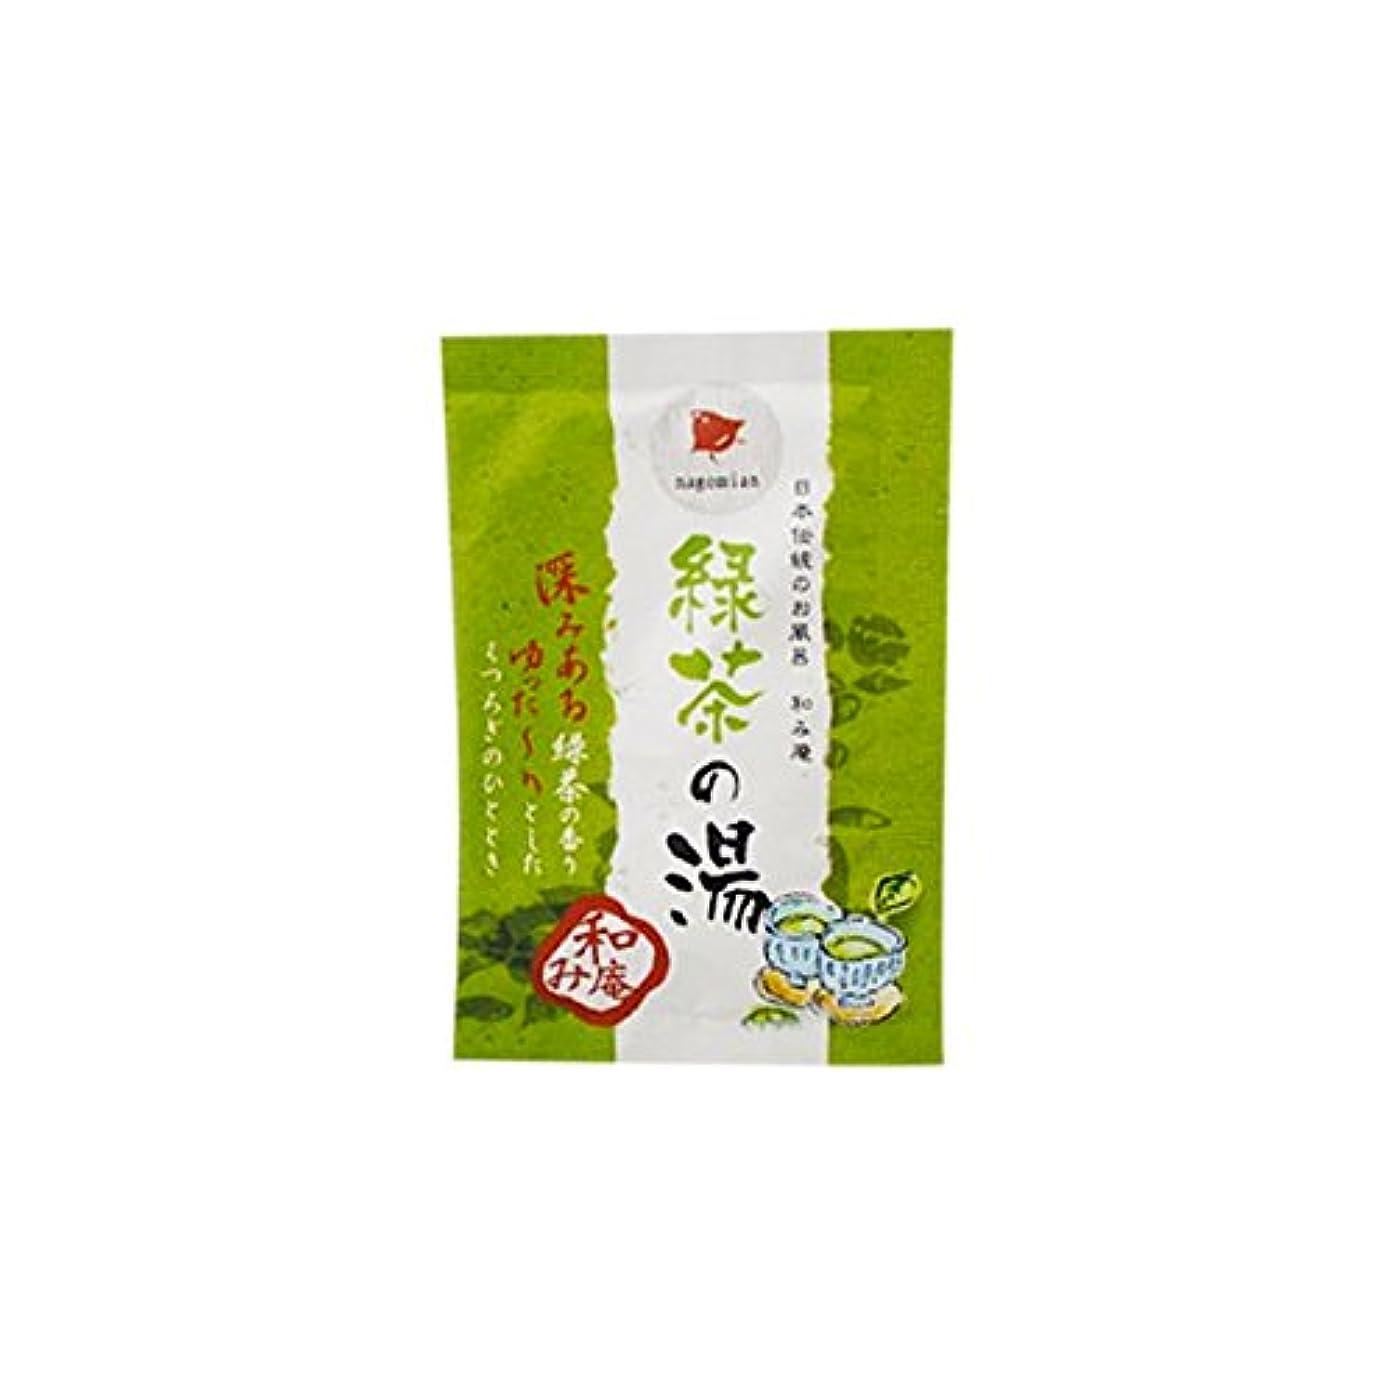 やがてかかわらず解釈的和み庵 入浴剤 「緑茶の湯」30個